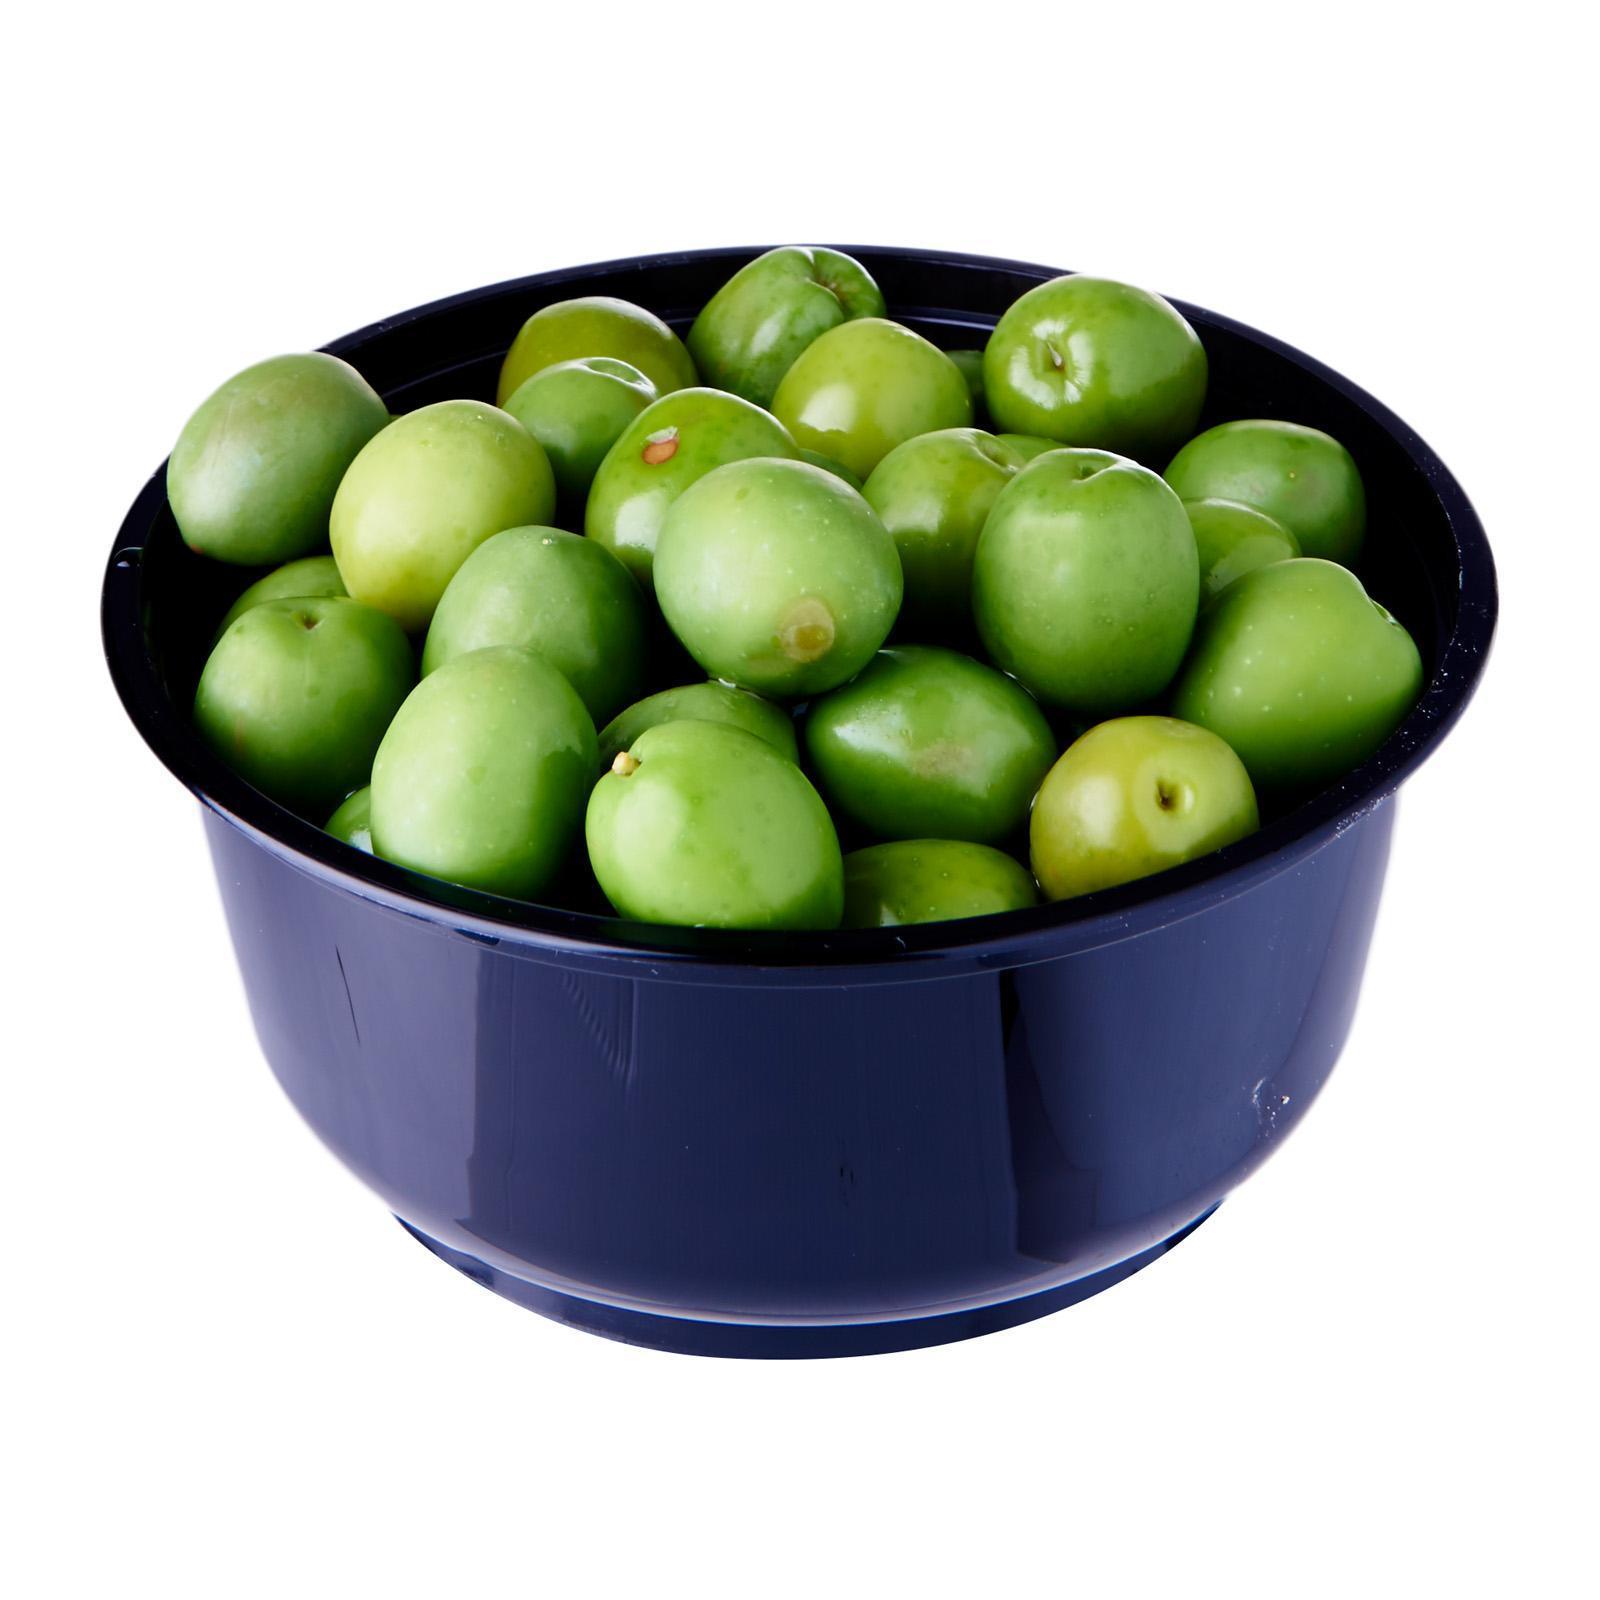 Jones The Grocer Sicillian Green Olives Olive By Redmart.